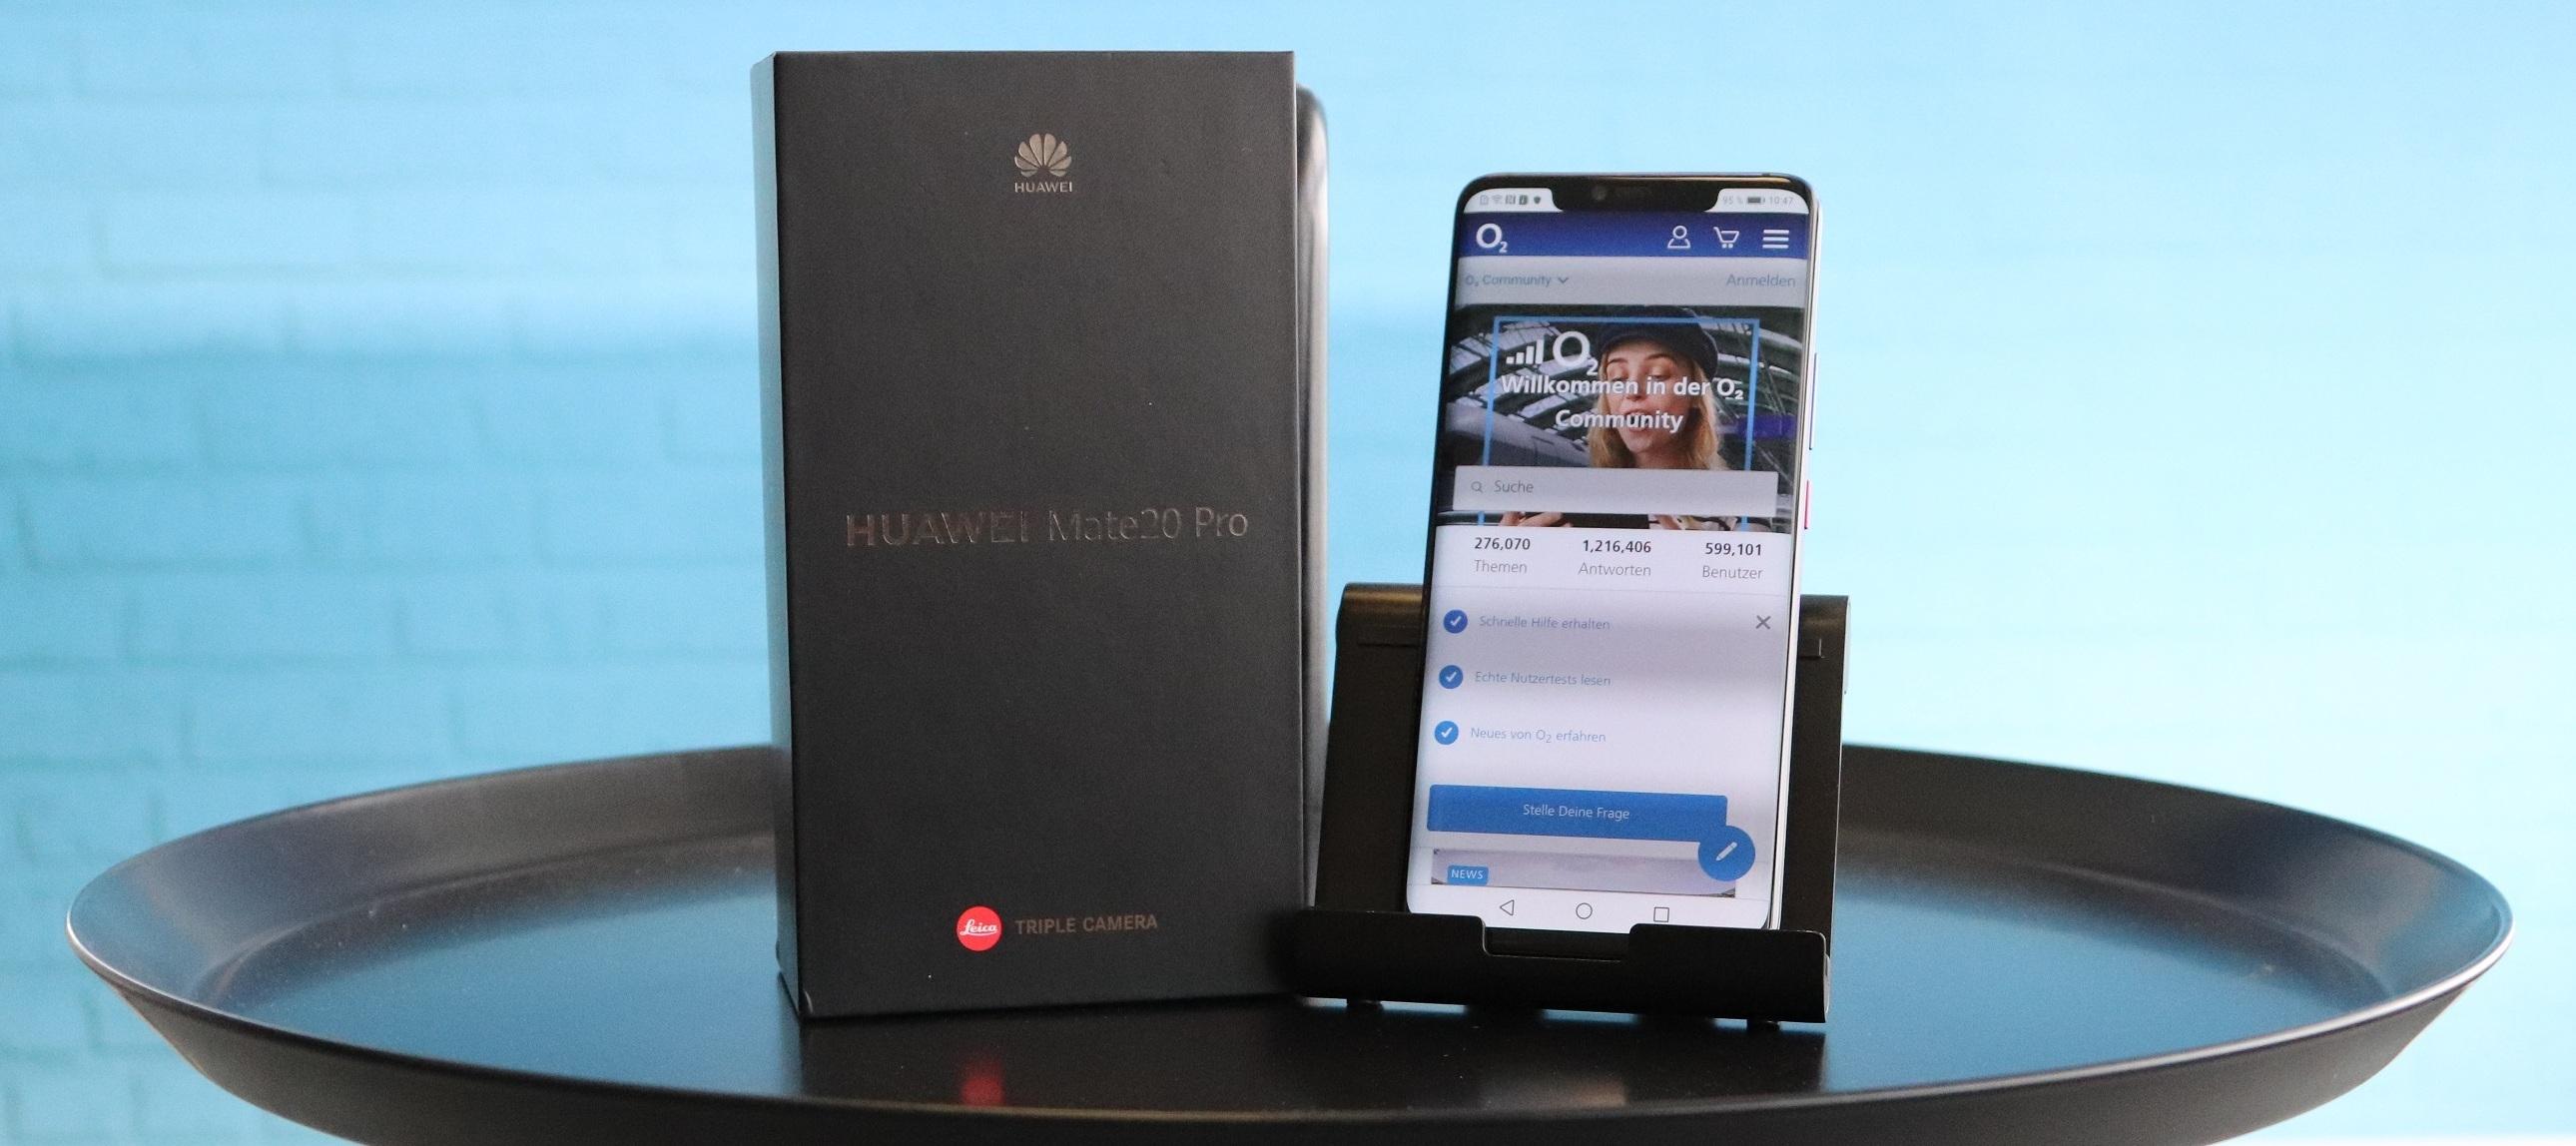 Huawei Mate 20 Pro Testgerät: Huawei, Huawei und du bist als Tester oder Testerin mit dabei